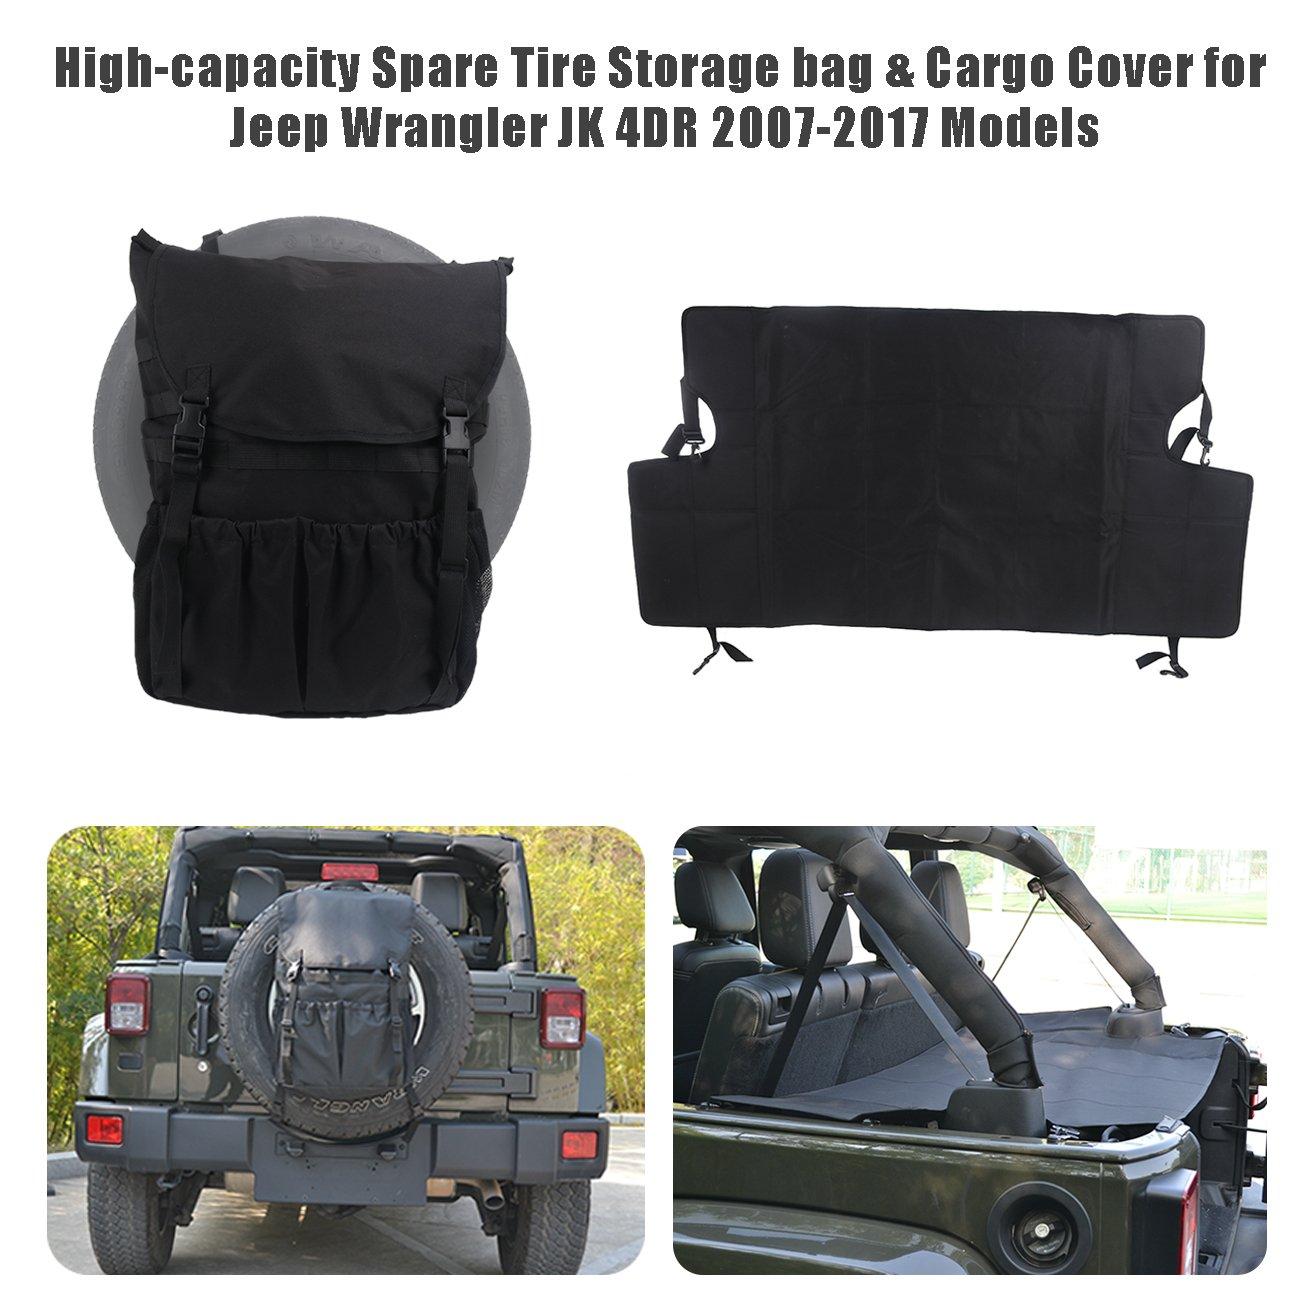 BOXATDOOR Wrangler JK Storage Bag pneumatico di ricambio & cargo copertura per Wrangler JK 4DR 2007 –  2017 models 1*STORAGE BAG 1*CARGO COVER